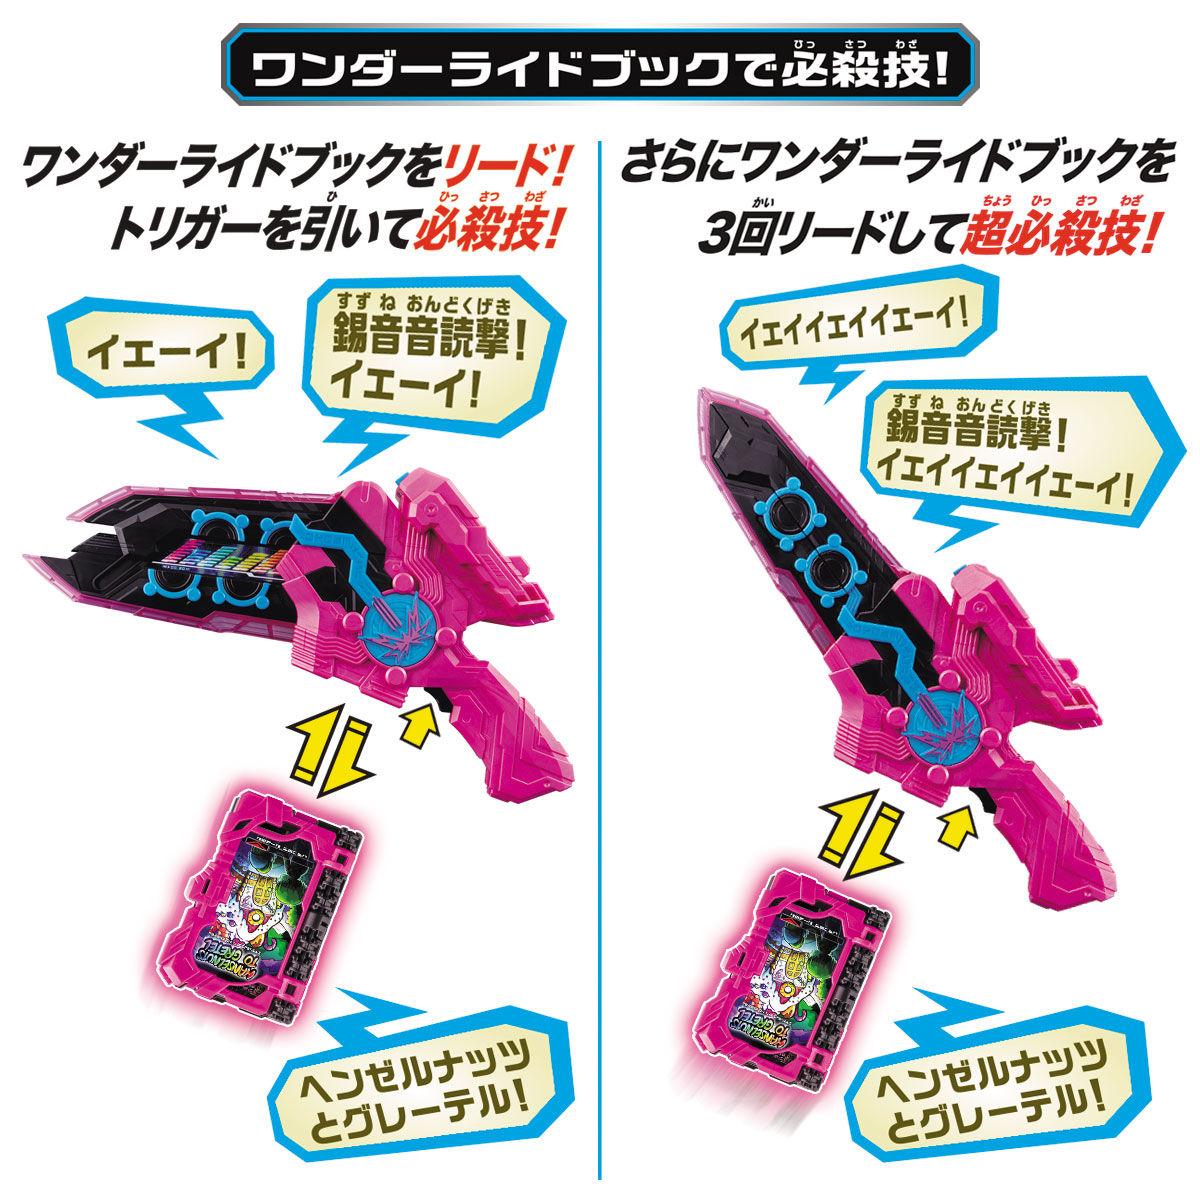 変身聖剣『DX音銃剣錫音』仮面ライダースラッシュ 変身なりきり-007